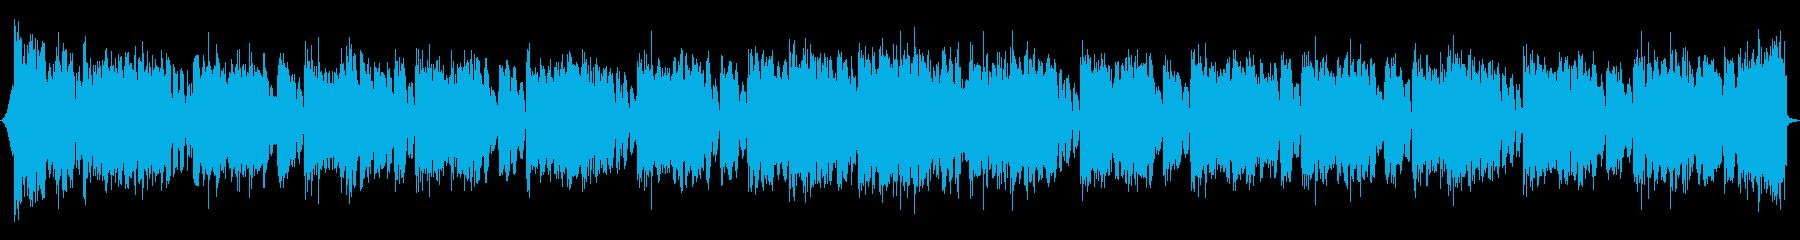 eSports サイバー ロック30秒版の再生済みの波形